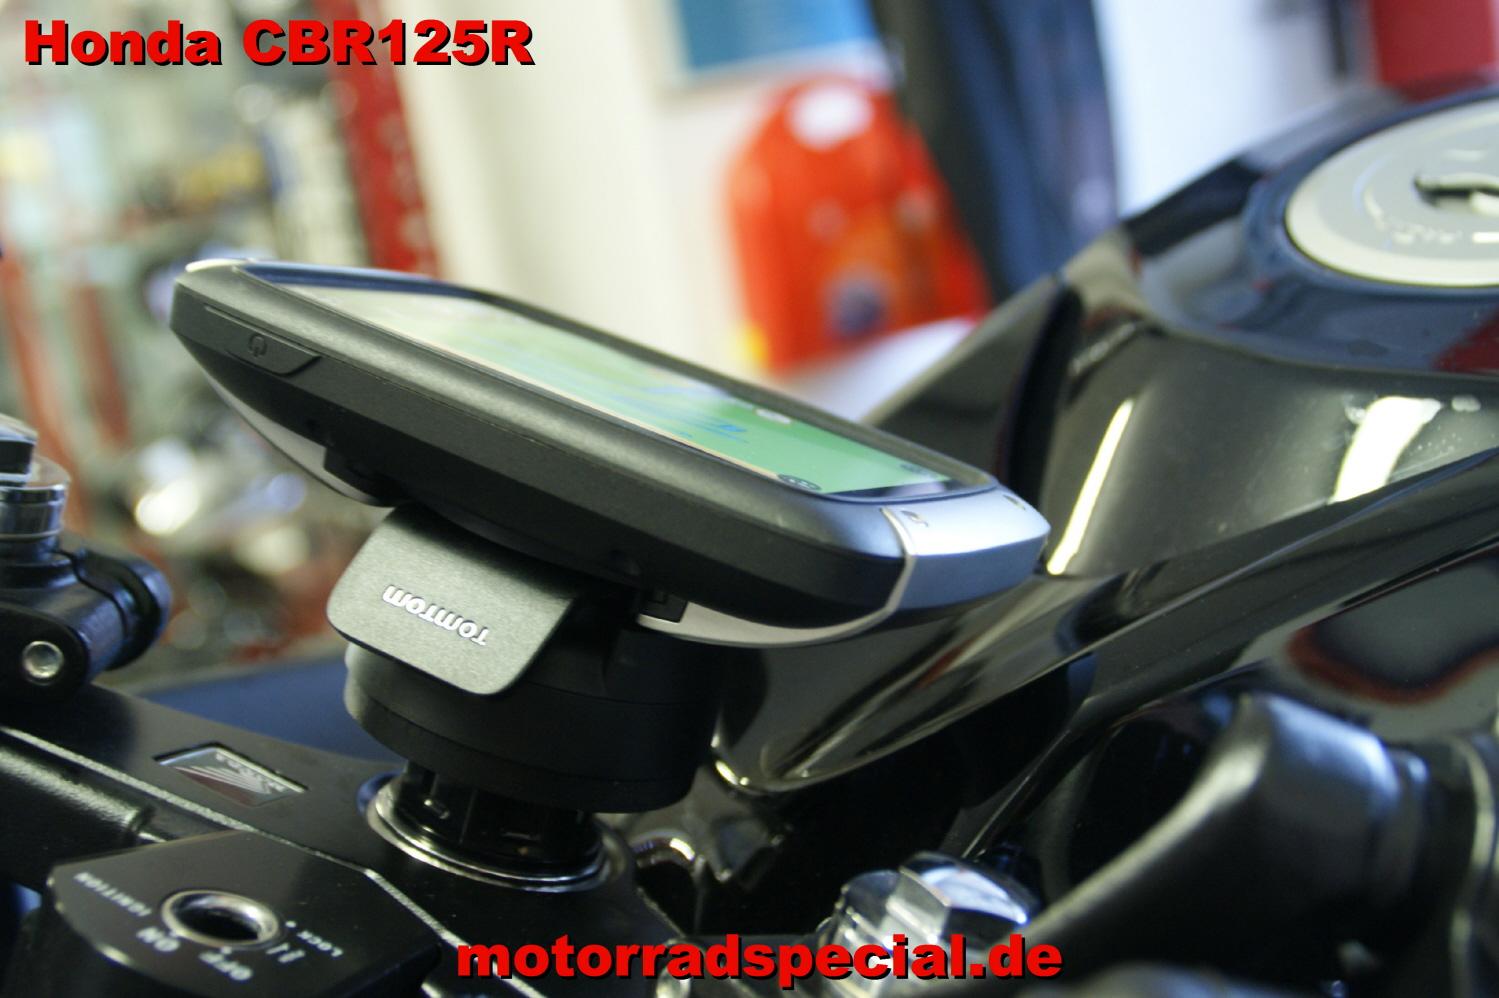 Honda_CBR_125R_Navigationshalterung_Navihalterung_Navihalter_TomTom_400_410_5